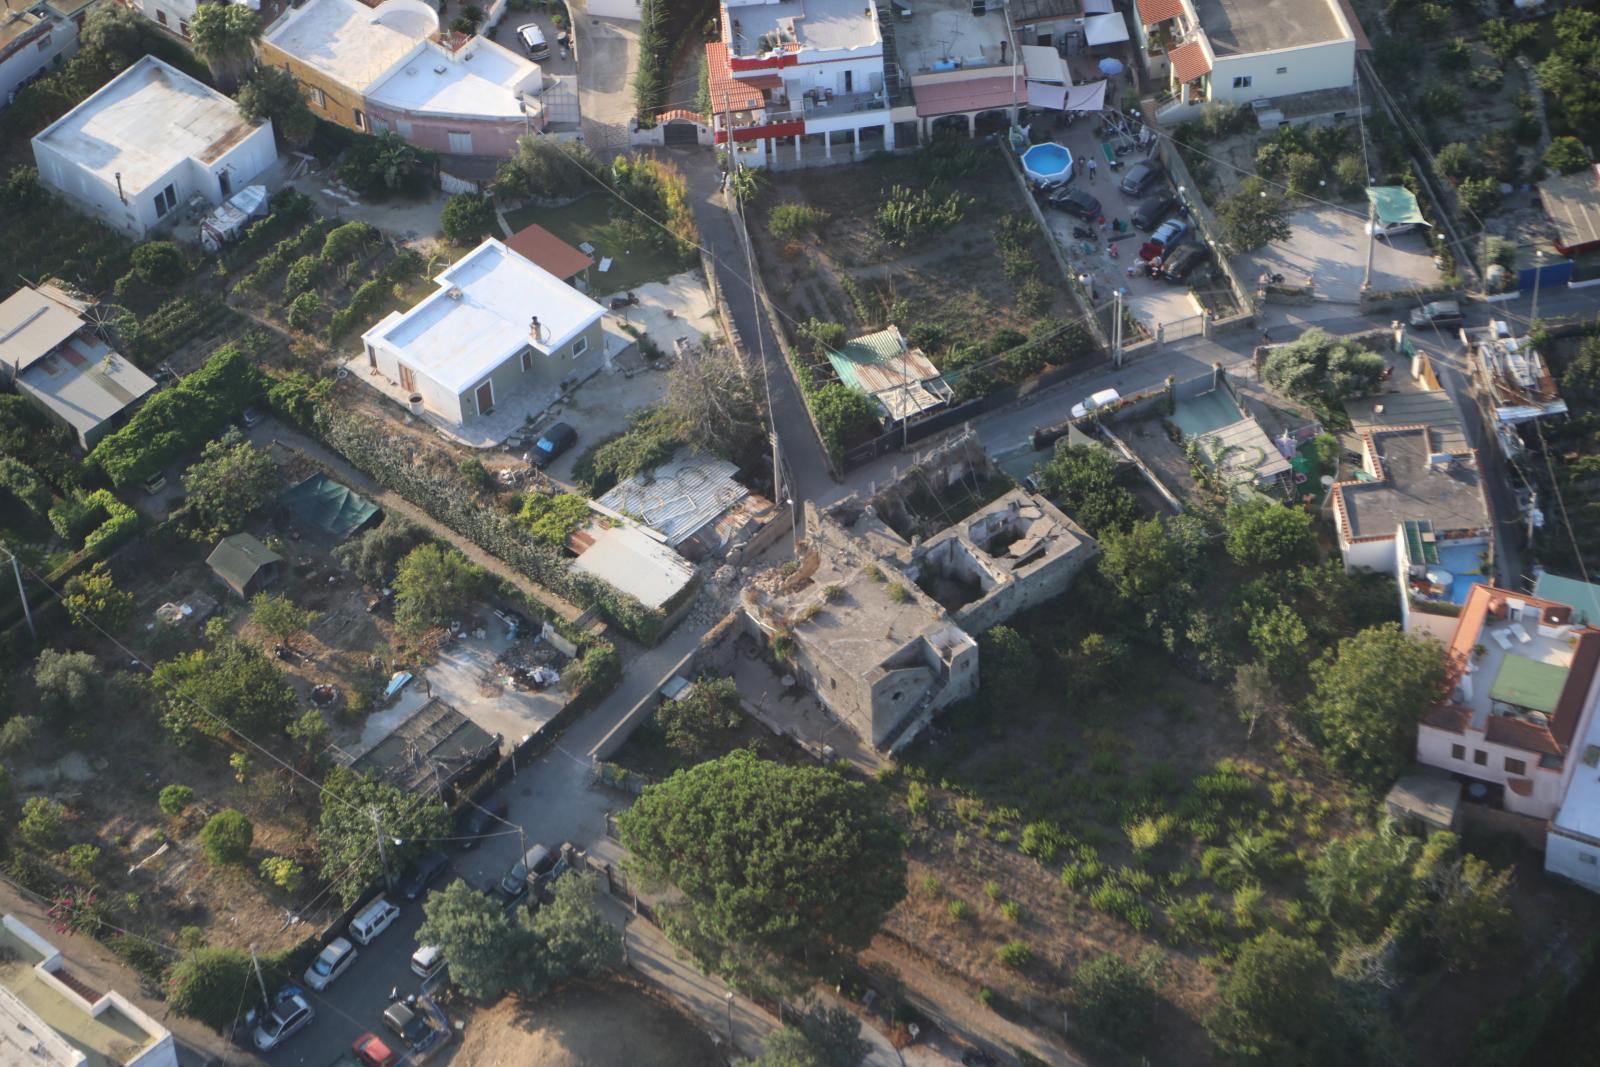 Ischia danni agli edifici in seguito al terremoto del 21 agosto 2017